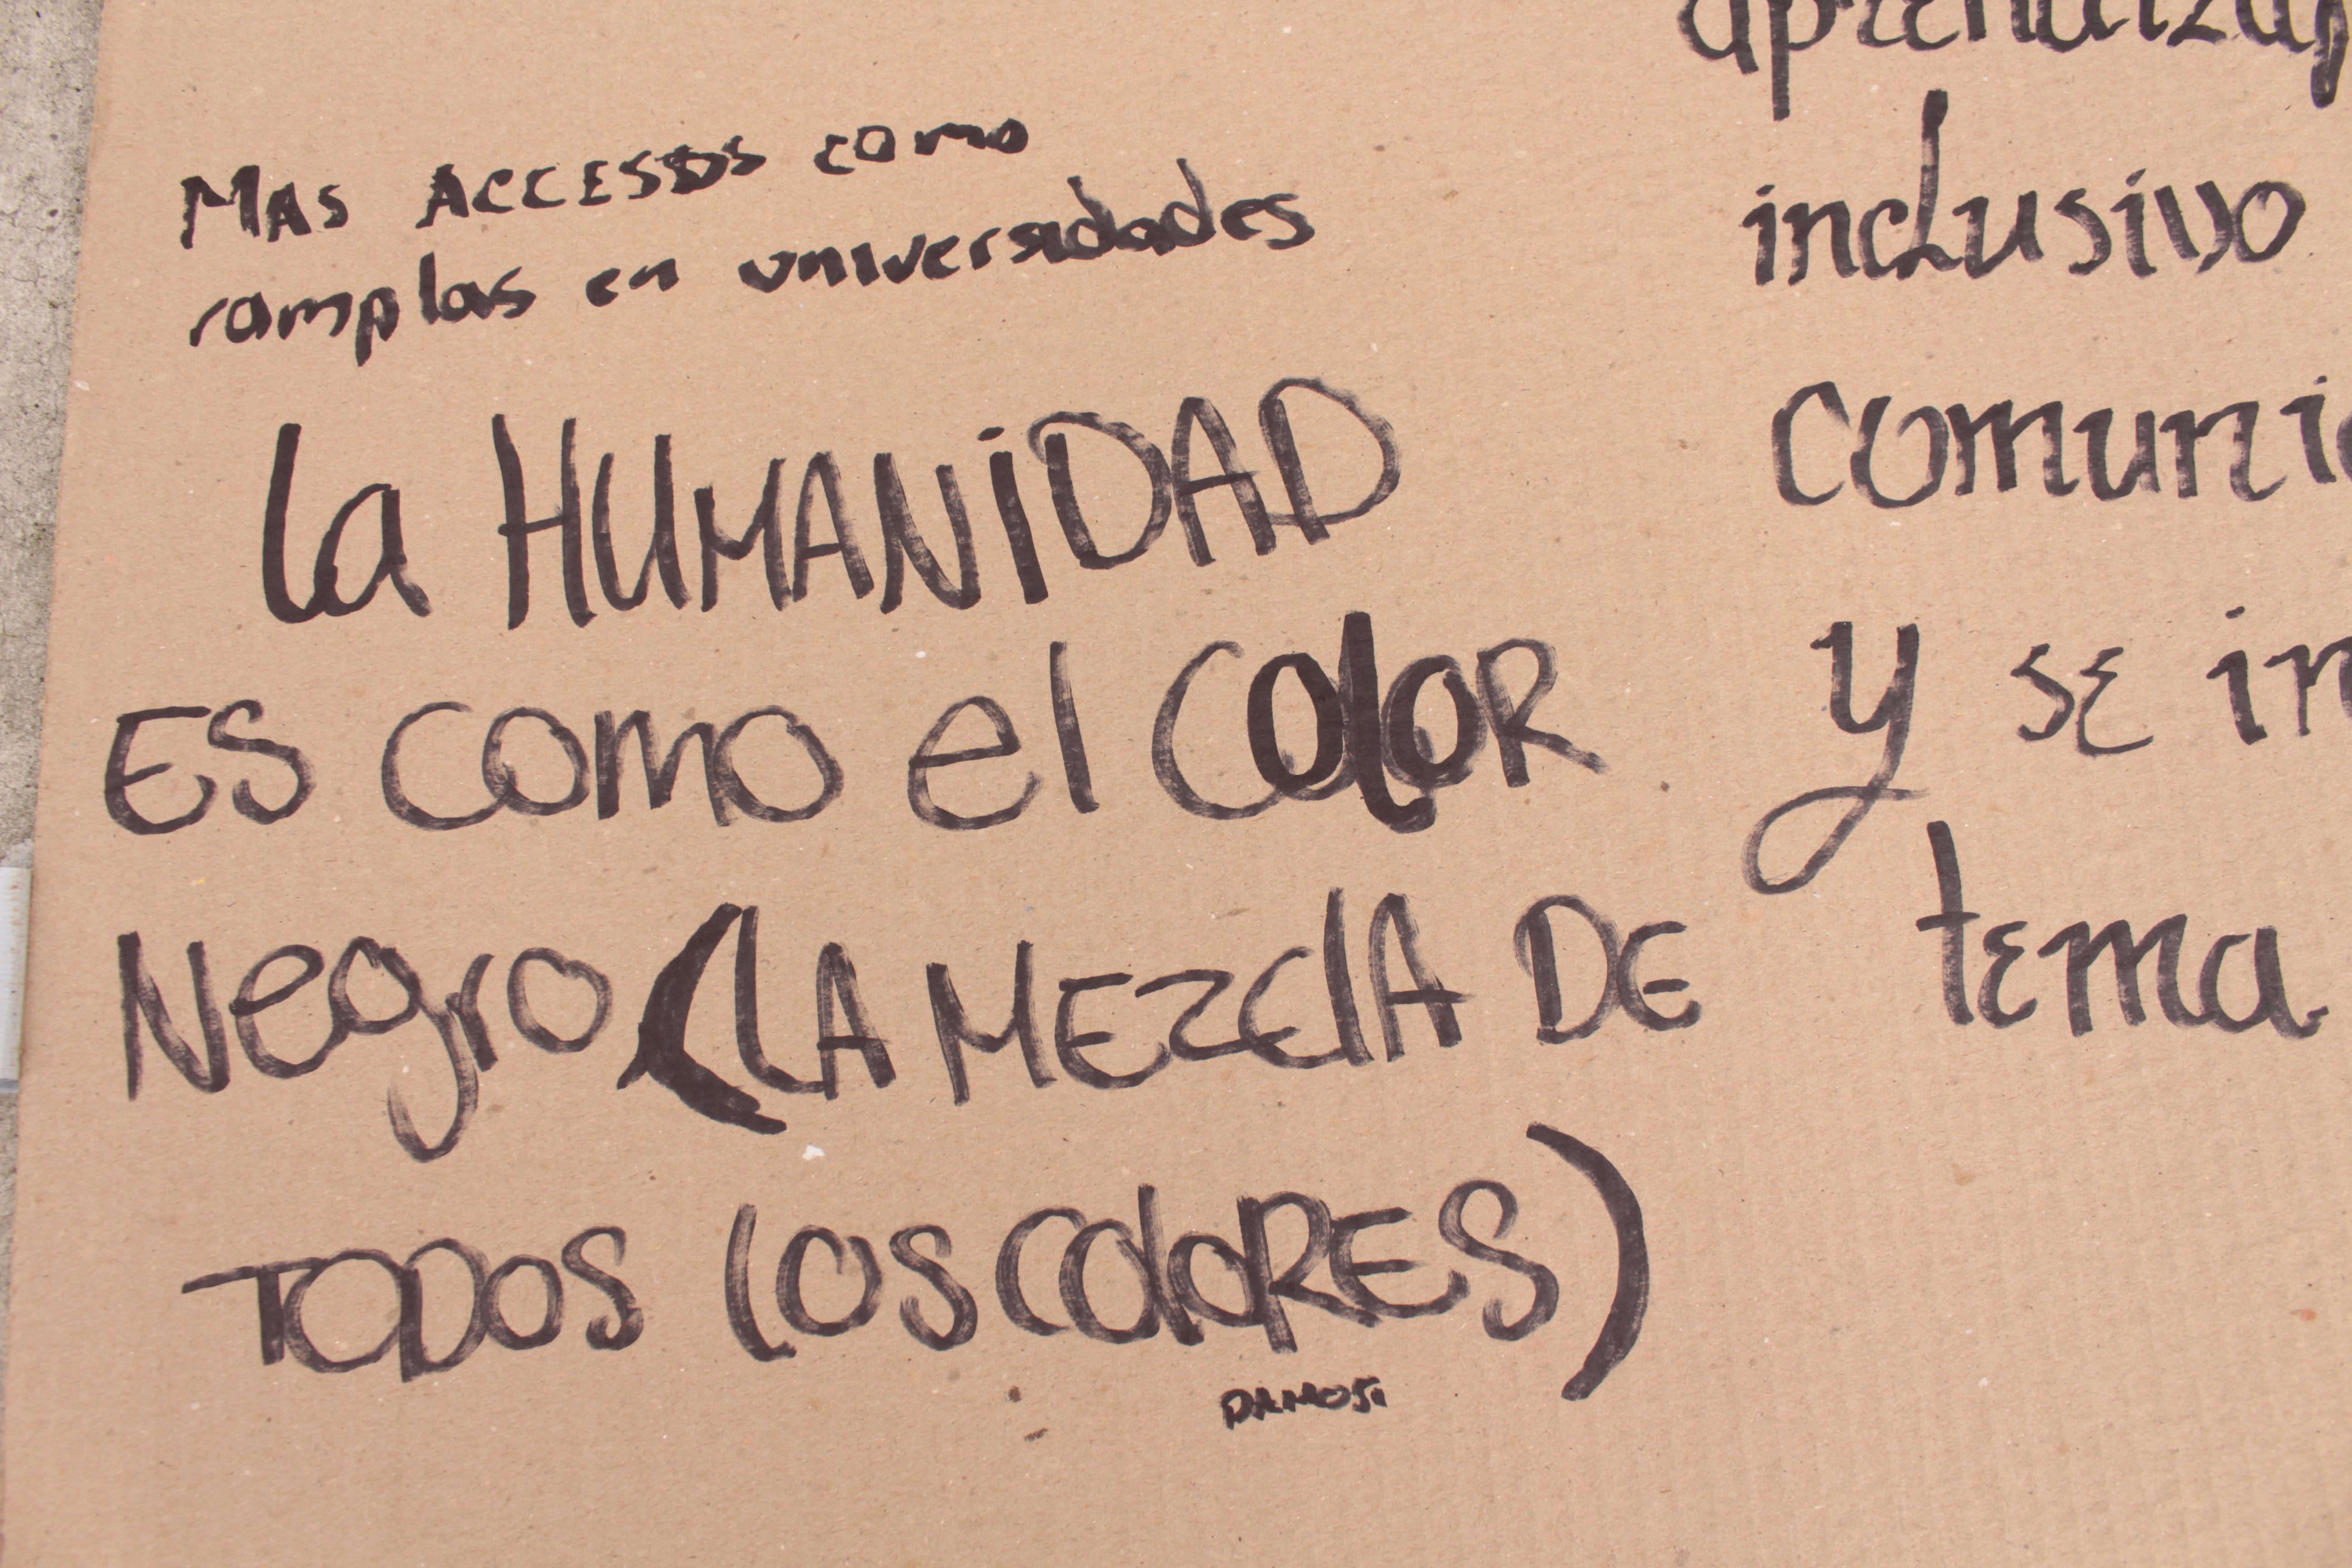 Más accesos como rampas en universidades; La humanidad es como el color negro (la mezcla de todos los colores)